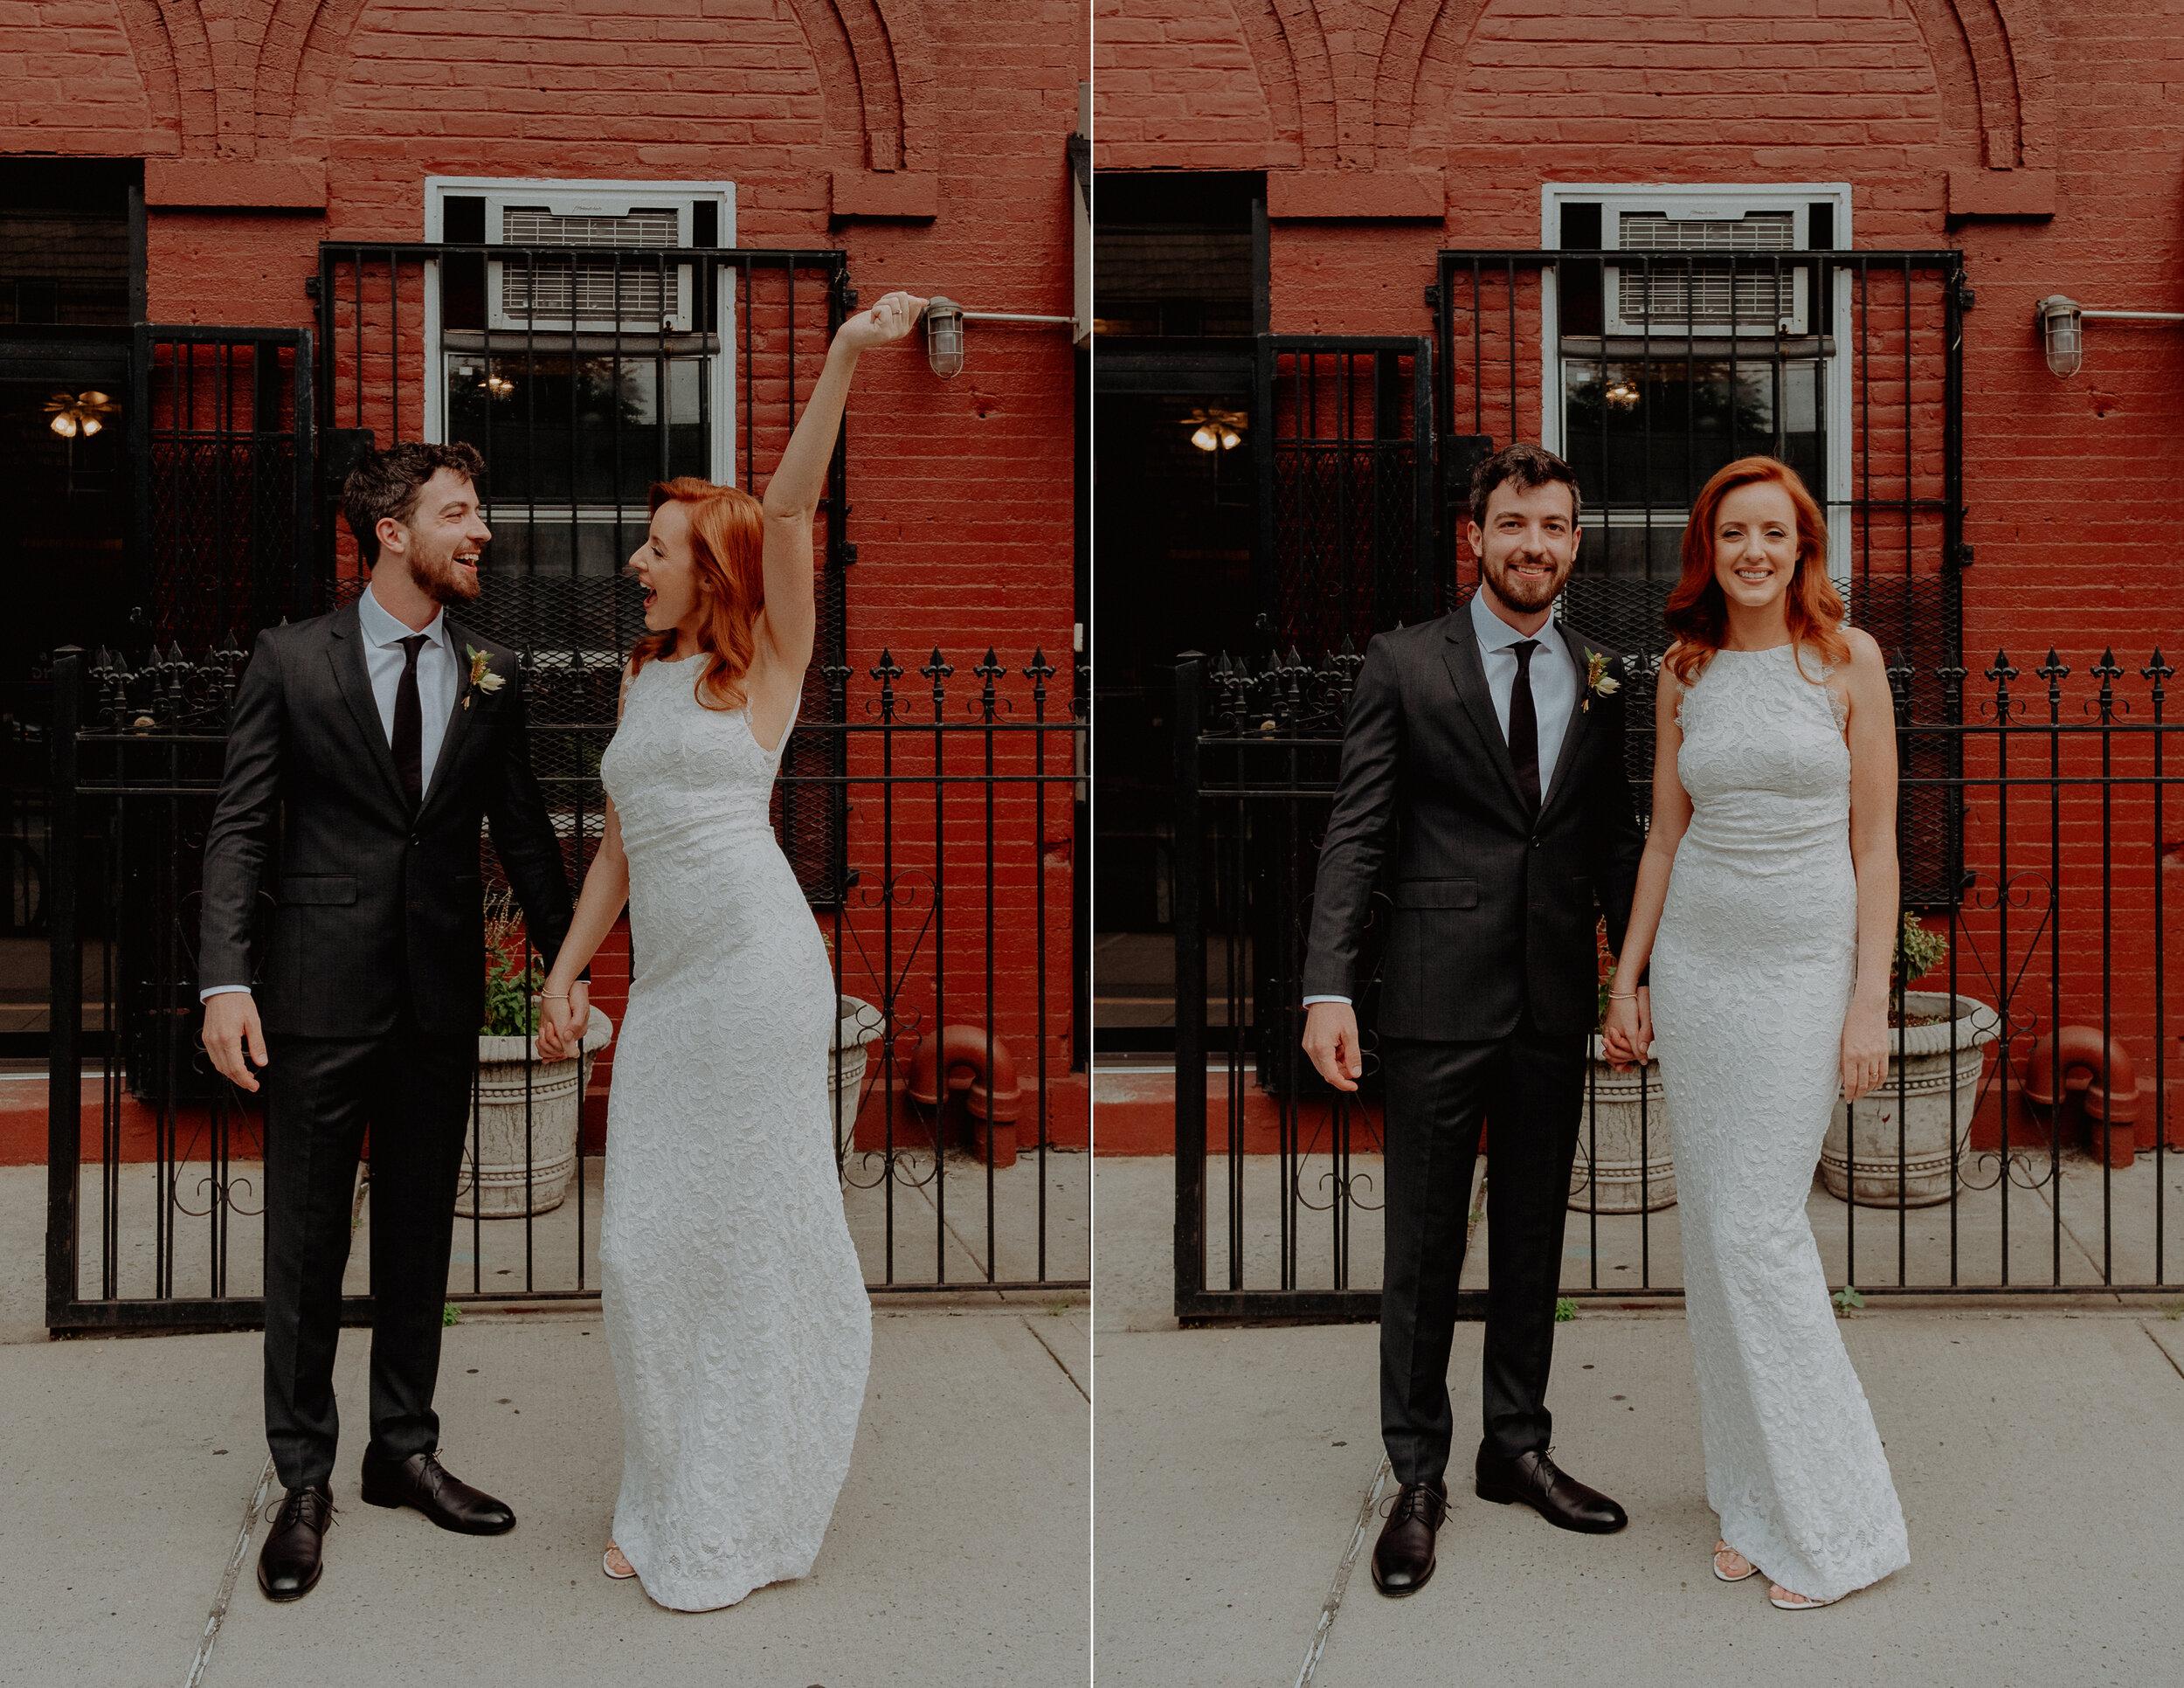 aurora-brooklyn-wedding-photos8.jpg